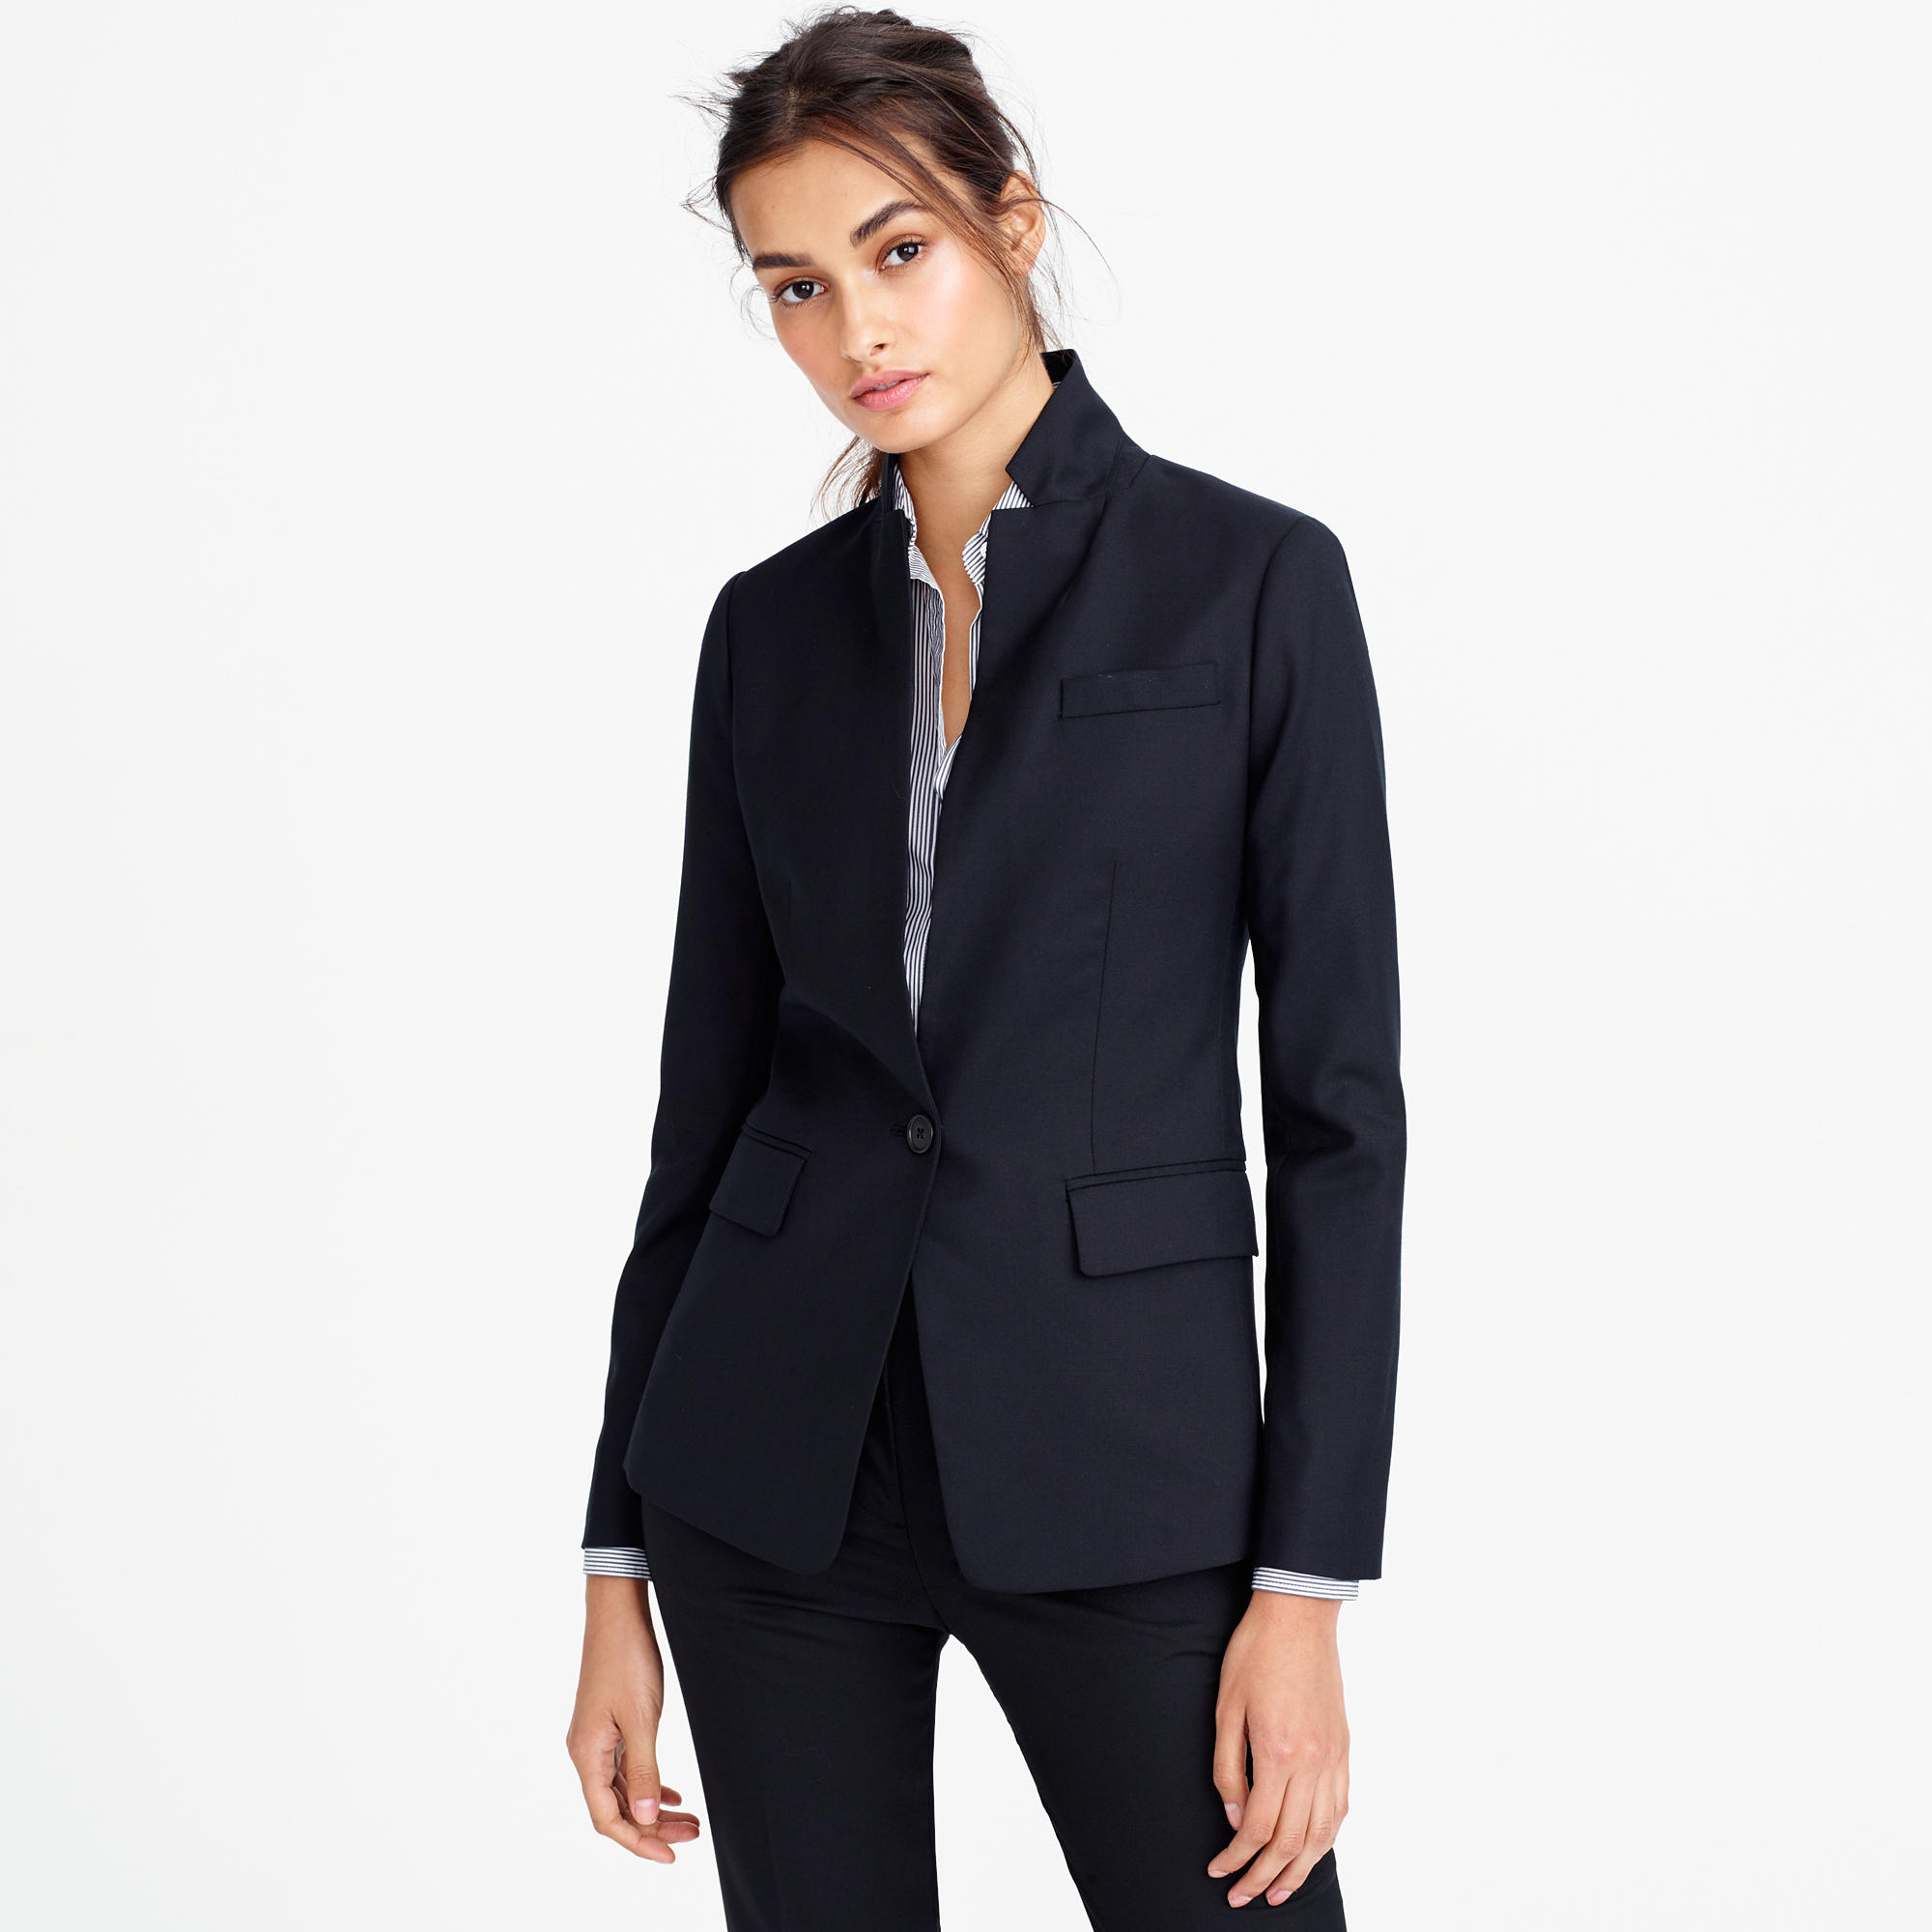 Women's Jackets & Sweater Jackets : Women's Blazers | J.Crew